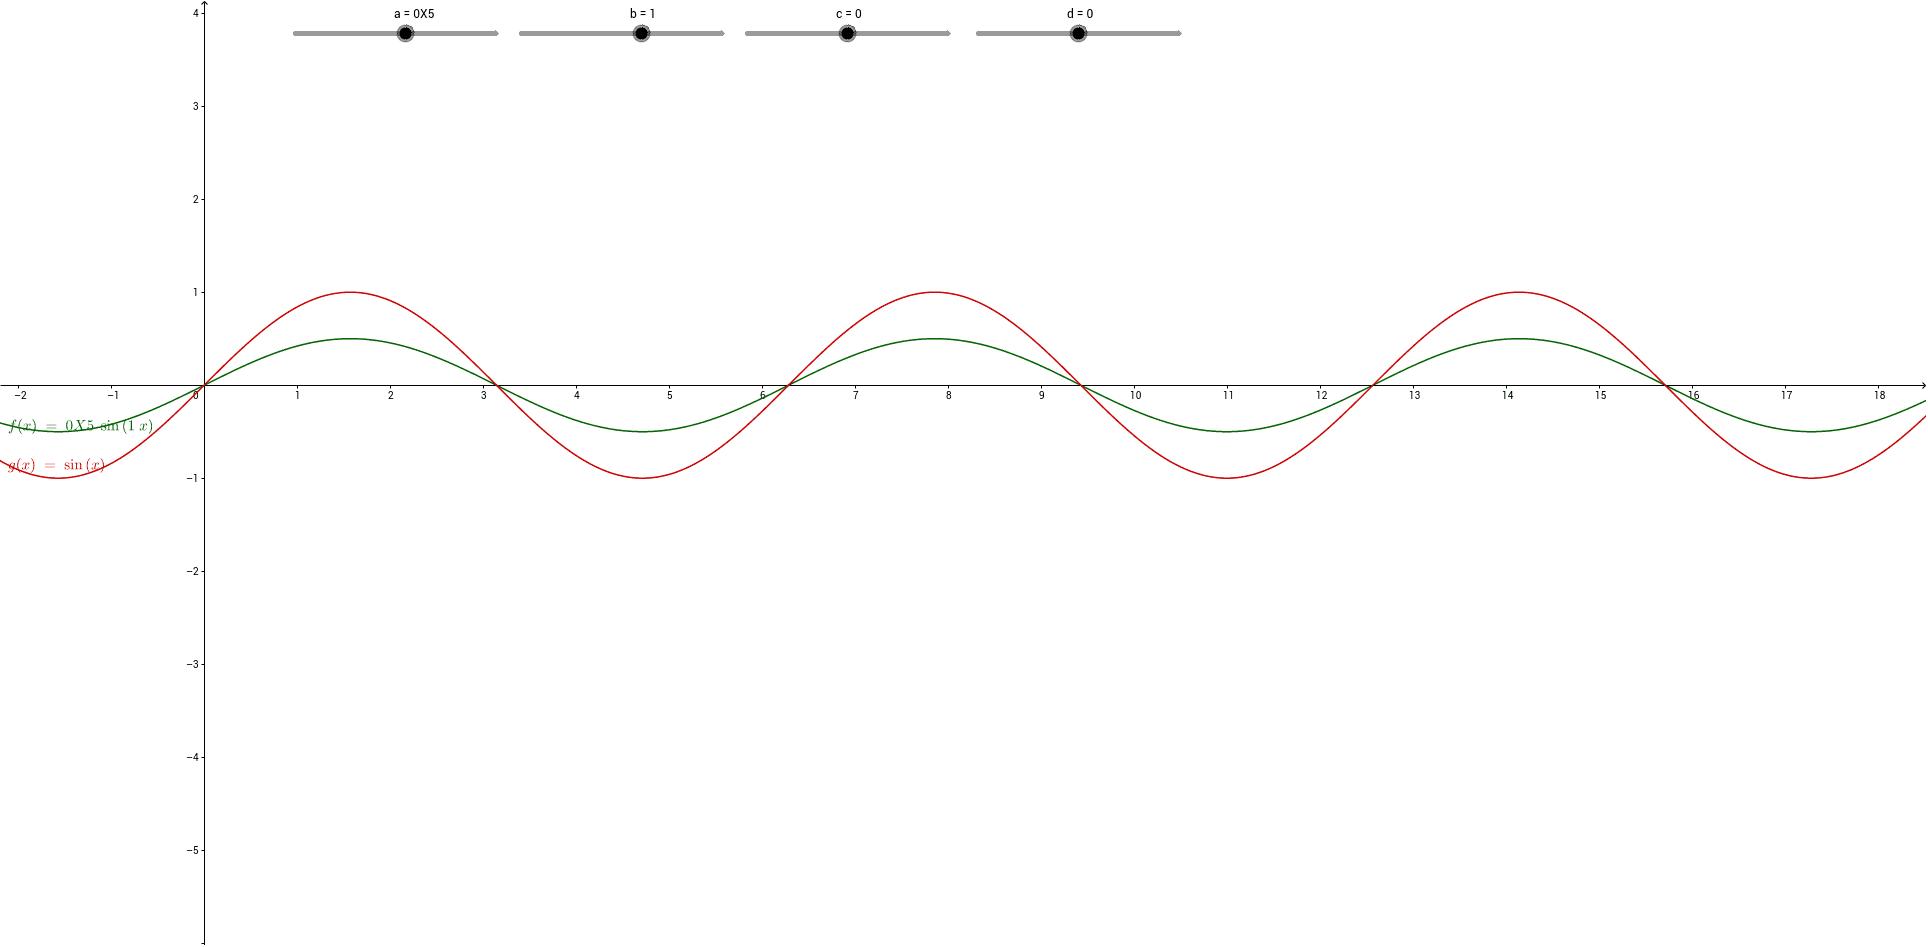 Mit Hilfe der Schieberegler kann der Einfluss der Parameter a,b,c und d auf den Graphen der allgemeinen Sinusfunktion y = a sin(bx +c) + d untersucht werden. Drücke die Eingabetaste um die Aktivität zu starten